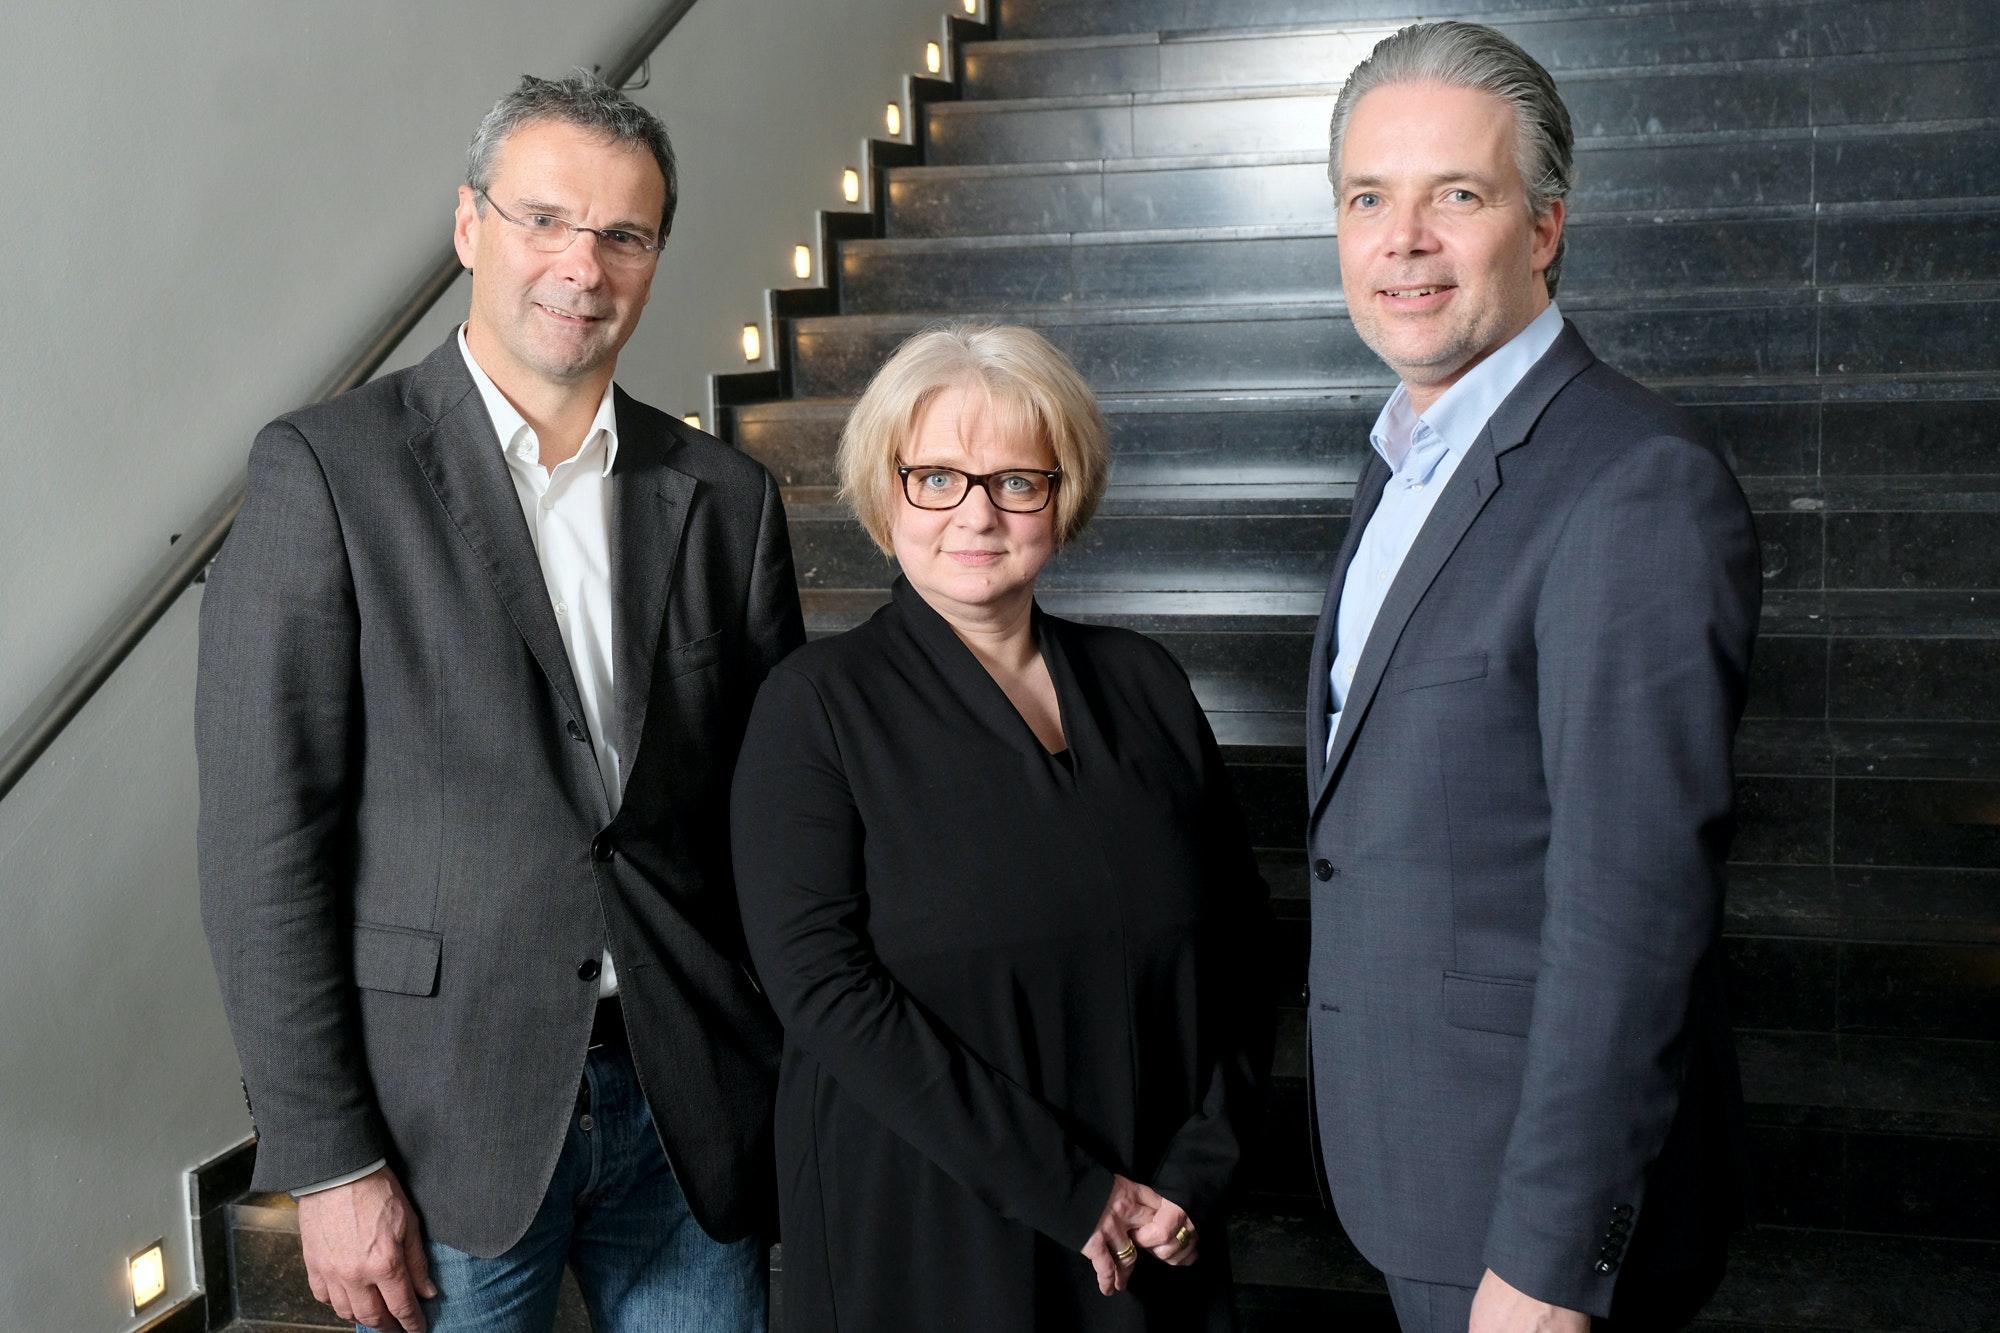 Die Neuen: Robert Marlow, Präsident der Architektenkammer Niedersachsen; Christiane Kraatz, Vizepräsidentin; Christoph Schild, Vizepräsident (von links)